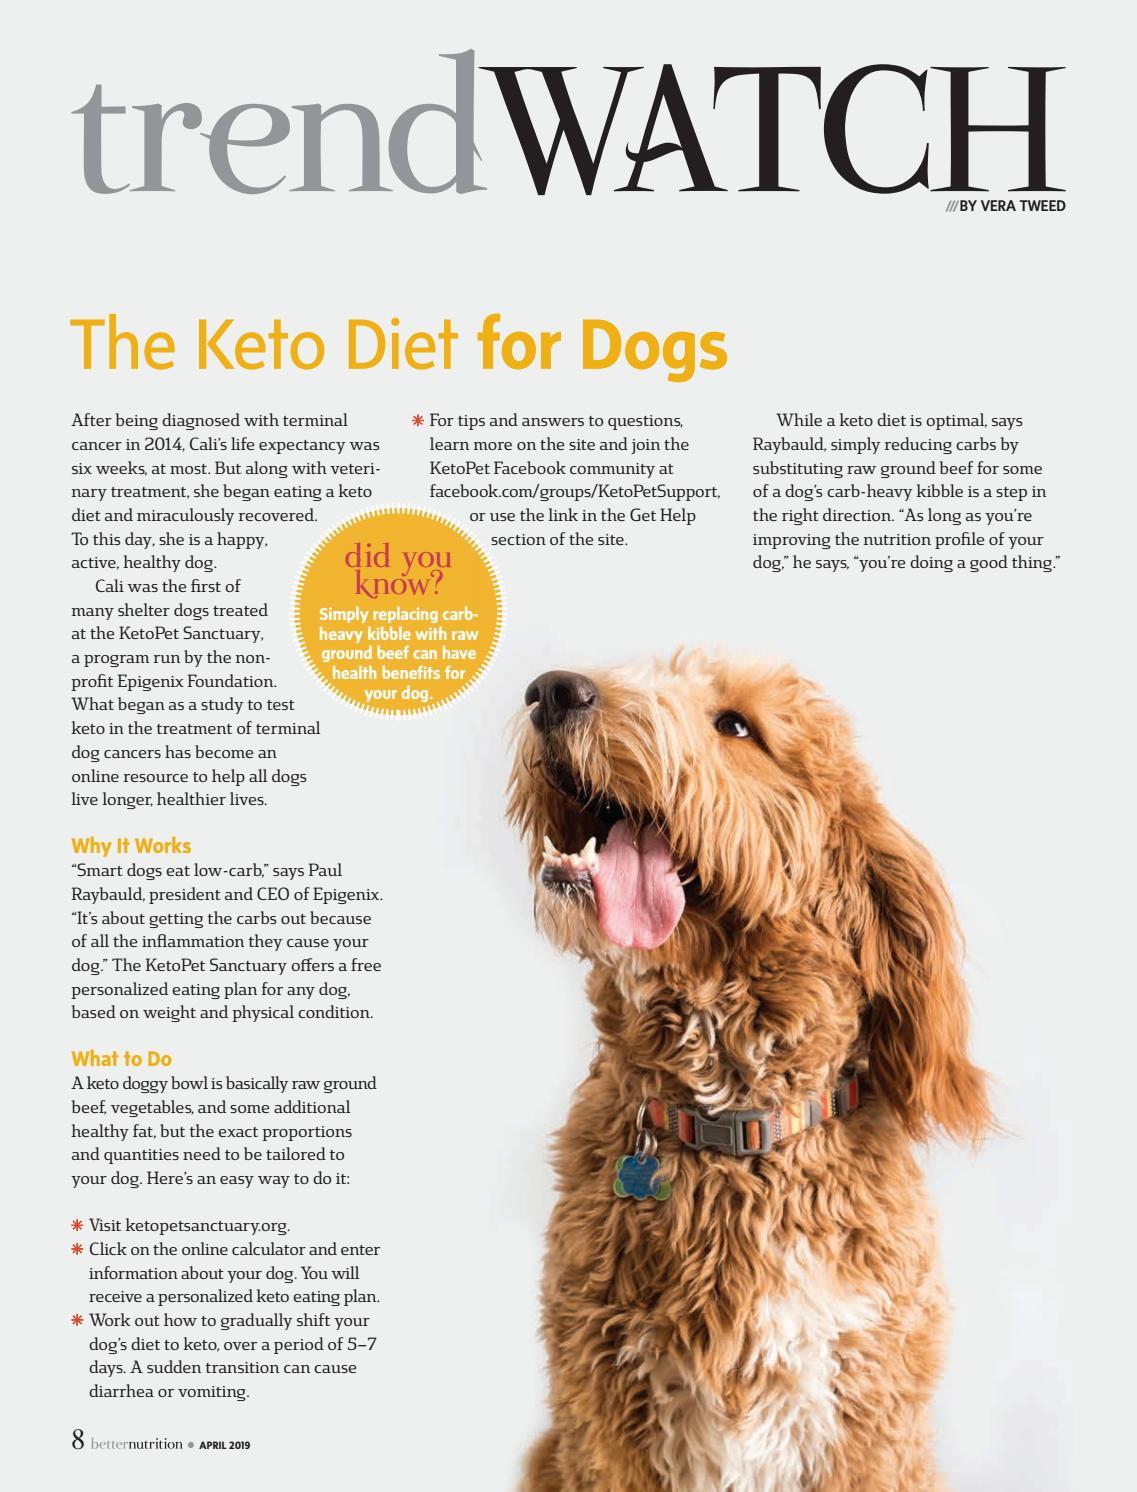 can keto diet cause diarrhea